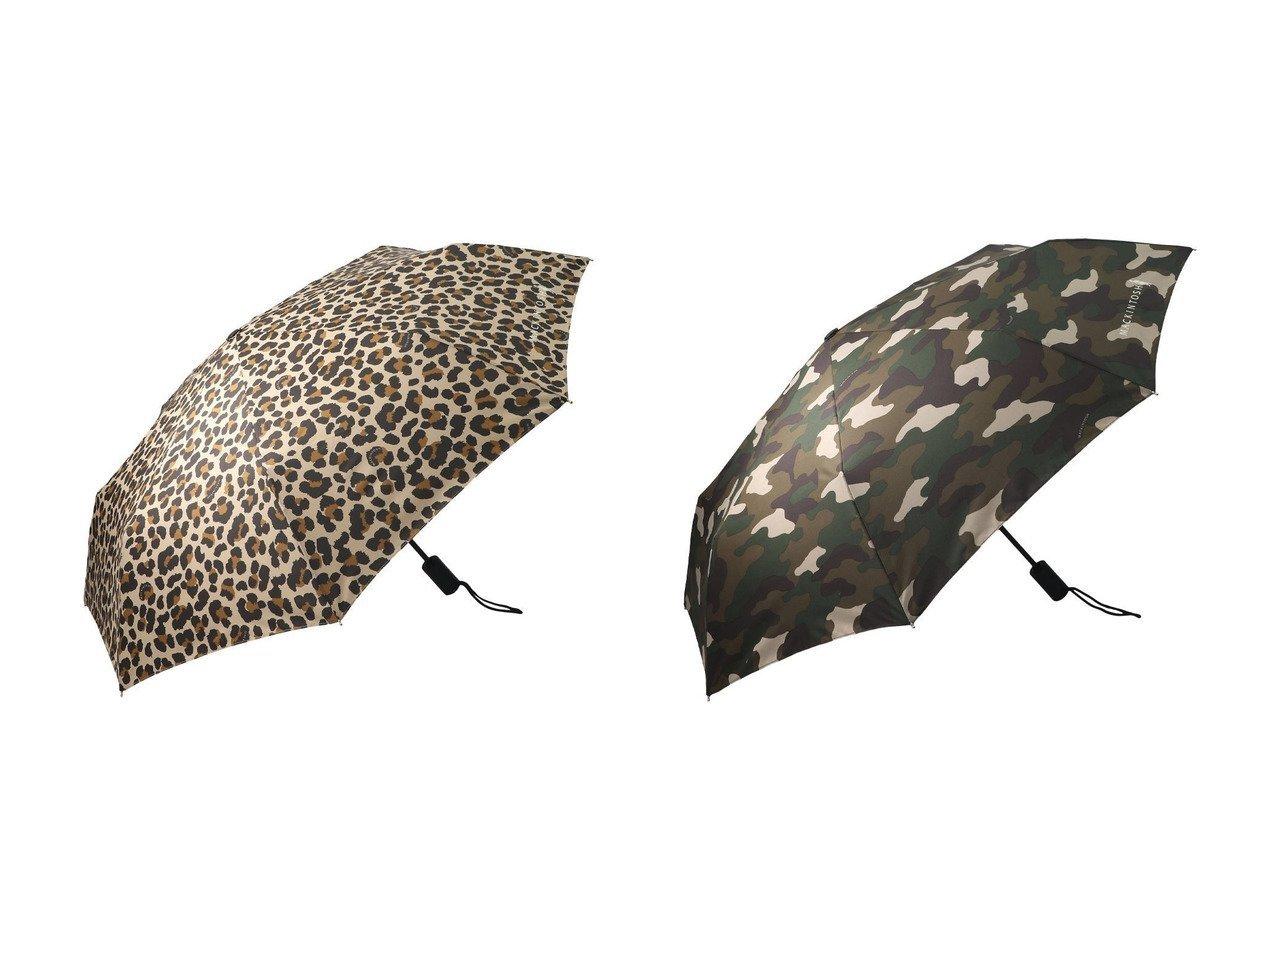 【MACKINTOSH/マッキントッシュ】のAYR 折り畳み傘&AYR 折り畳み傘 おすすめ!人気トレンド・レディースファッションの通販 おすすめで人気の流行・トレンド、ファッションの通販商品 メンズファッション・キッズファッション・インテリア・家具・レディースファッション・服の通販 founy(ファニー) https://founy.com/ ファッション Fashion レディースファッション WOMEN 傘 / レイングッズ Umbrellas/Rainwear 2021年 2021 2021春夏・S/S SS/Spring/Summer/2021 S/S・春夏 SS・Spring/Summer カモフラージュ スタイリッシュ 傘 春 Spring |ID:crp329100000028931